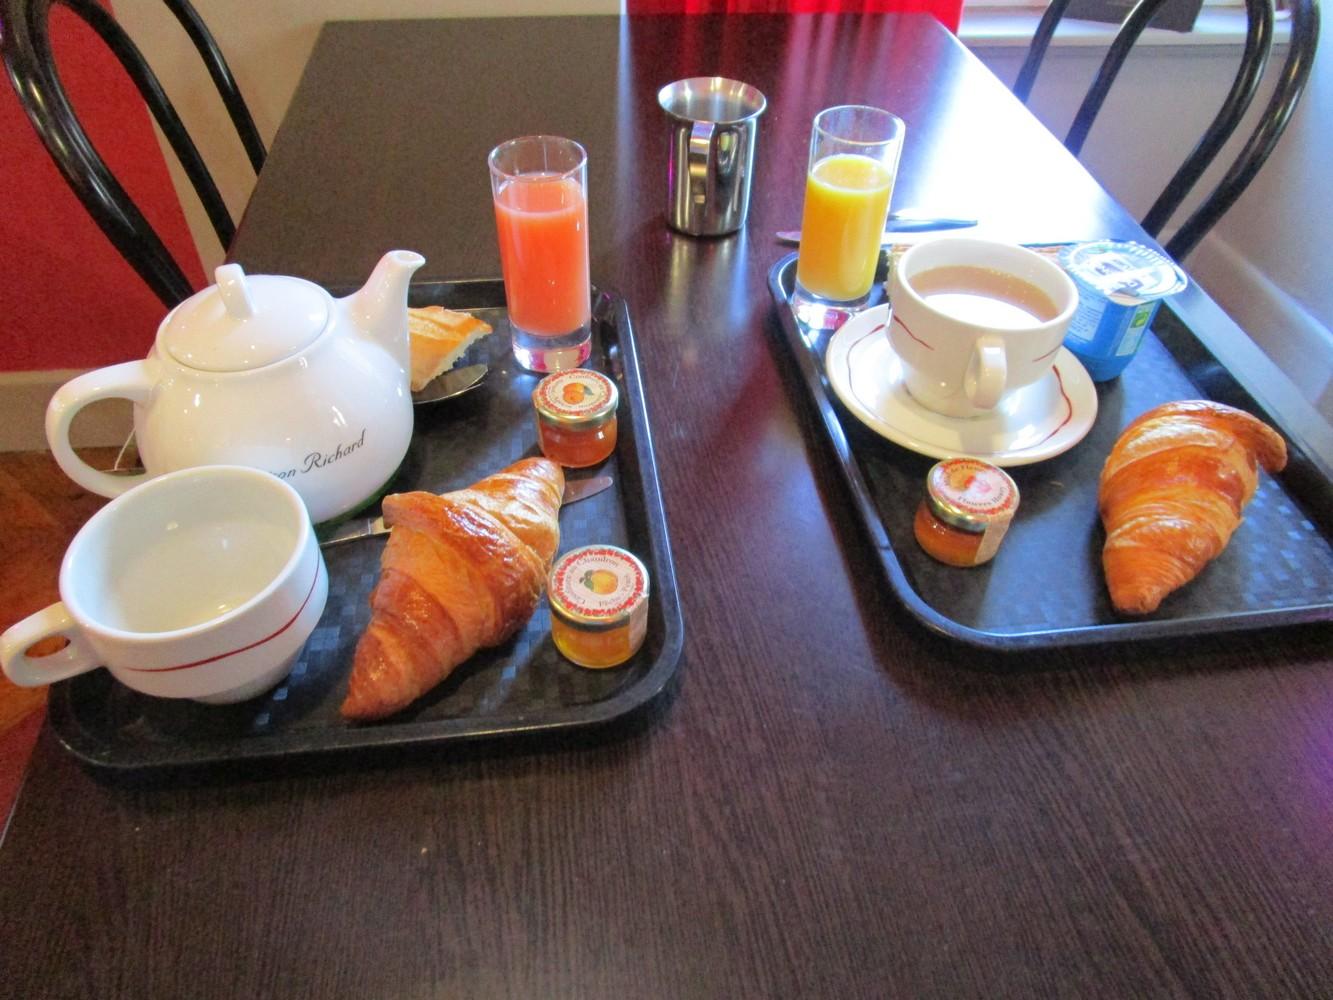 6 - Salle petit-déjeuner Hôtel Mont Dore > plateaux bien garnis